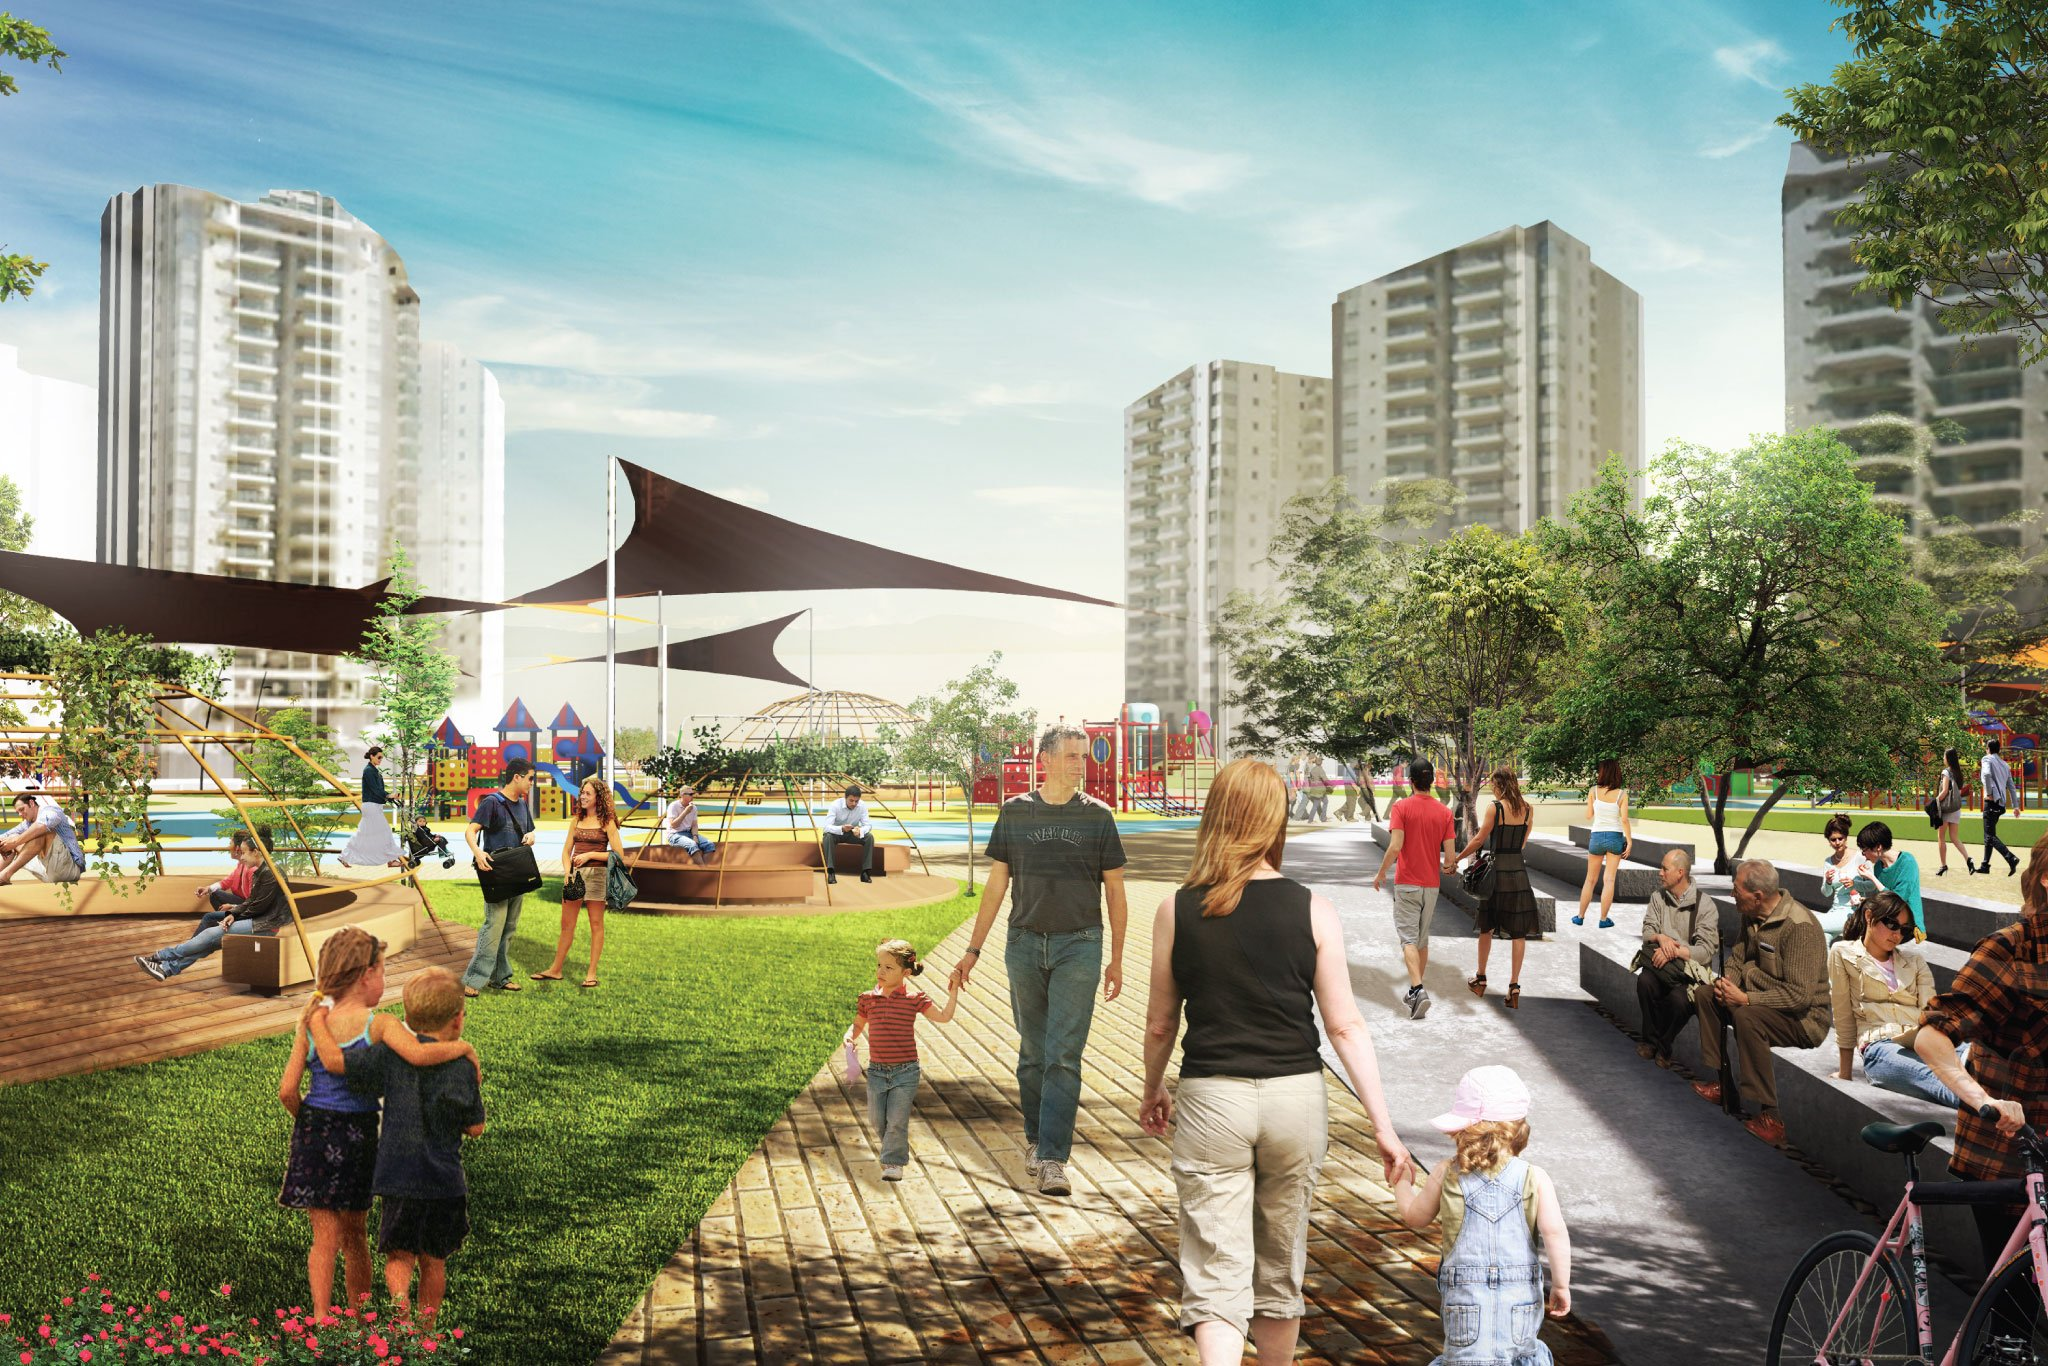 מבט כללי אל אזורי הפעילות פארק עירוני נווה גן